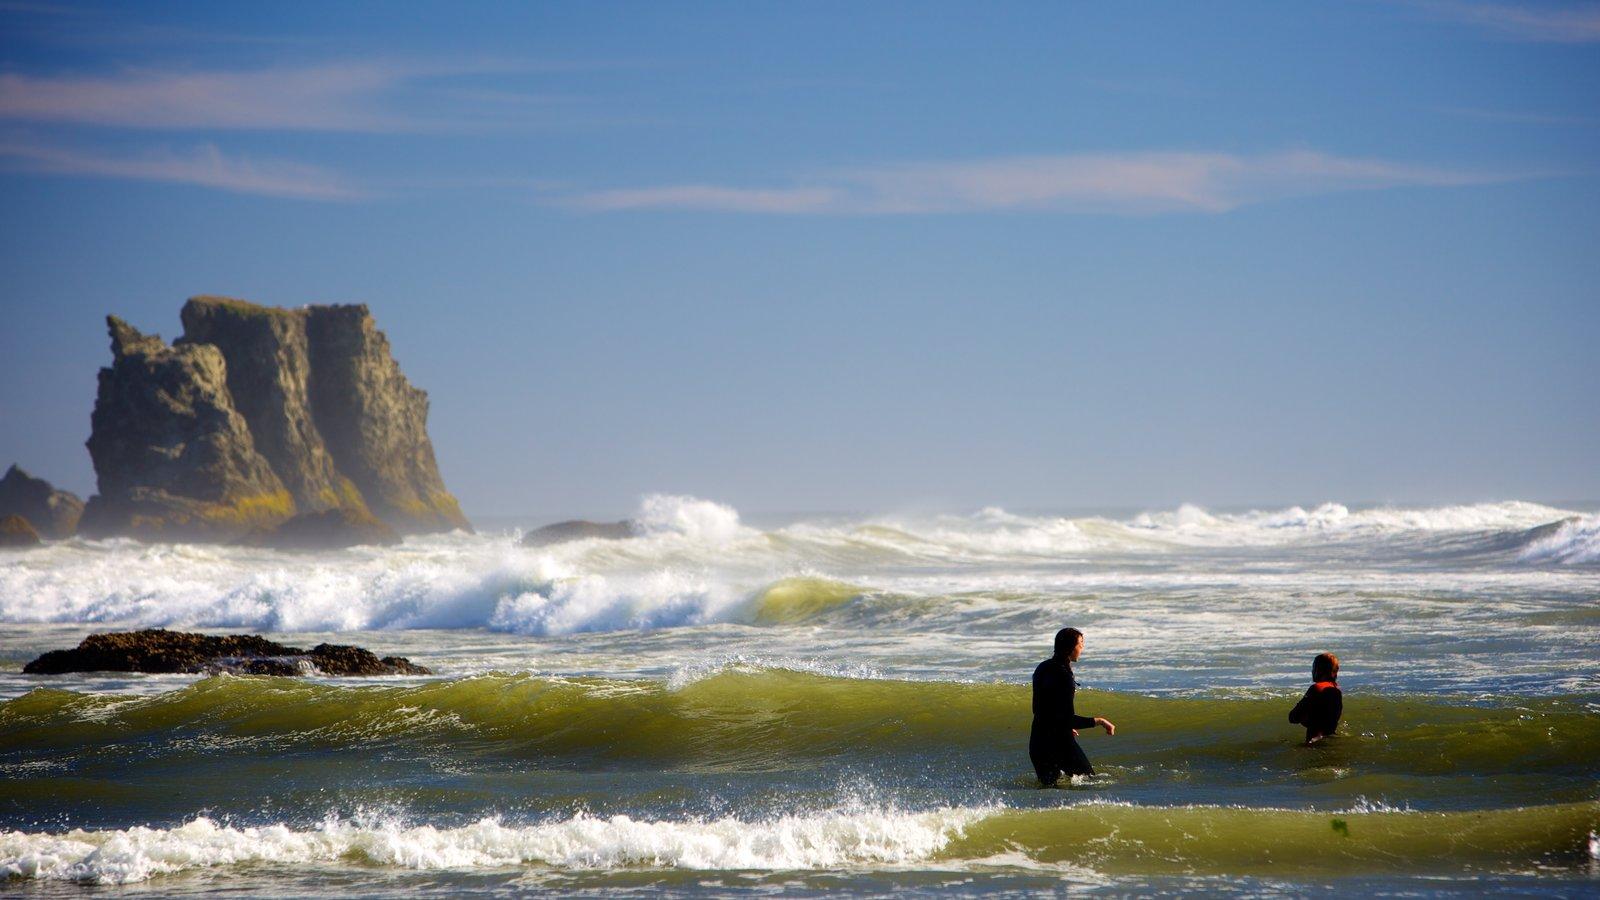 Bandon Beach mostrando paisagens litorâneas